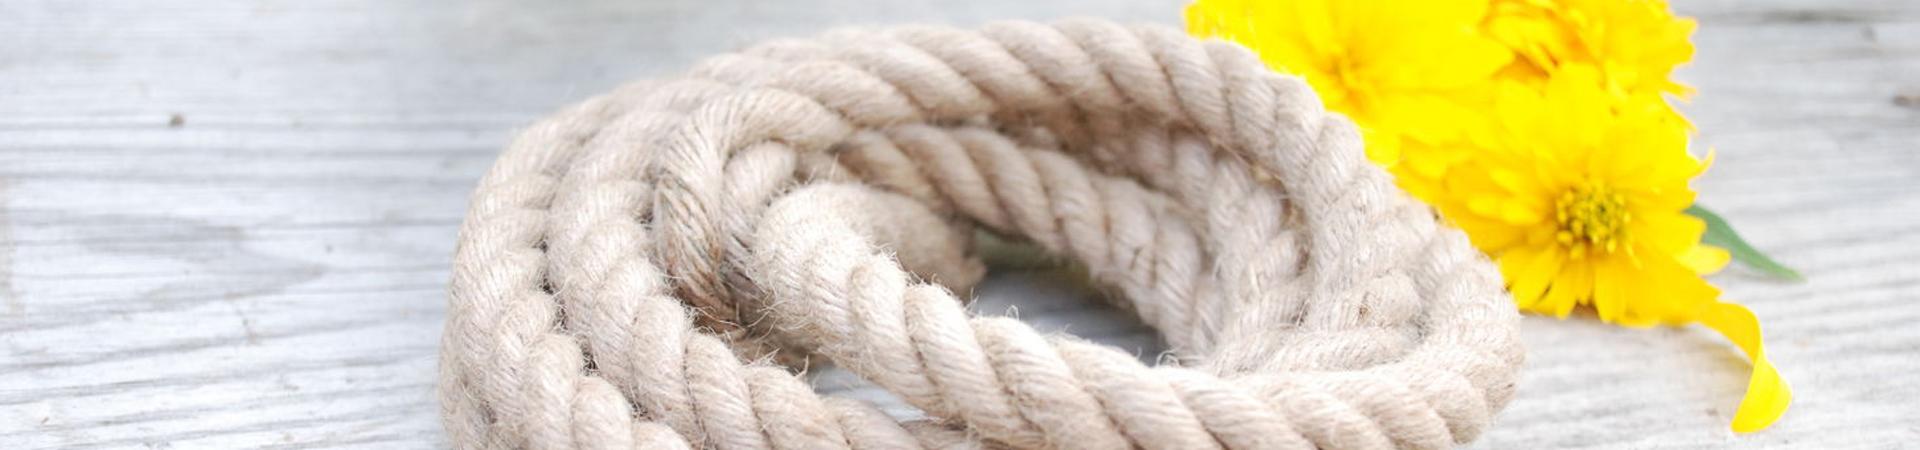 Купить веревки и шпагаты